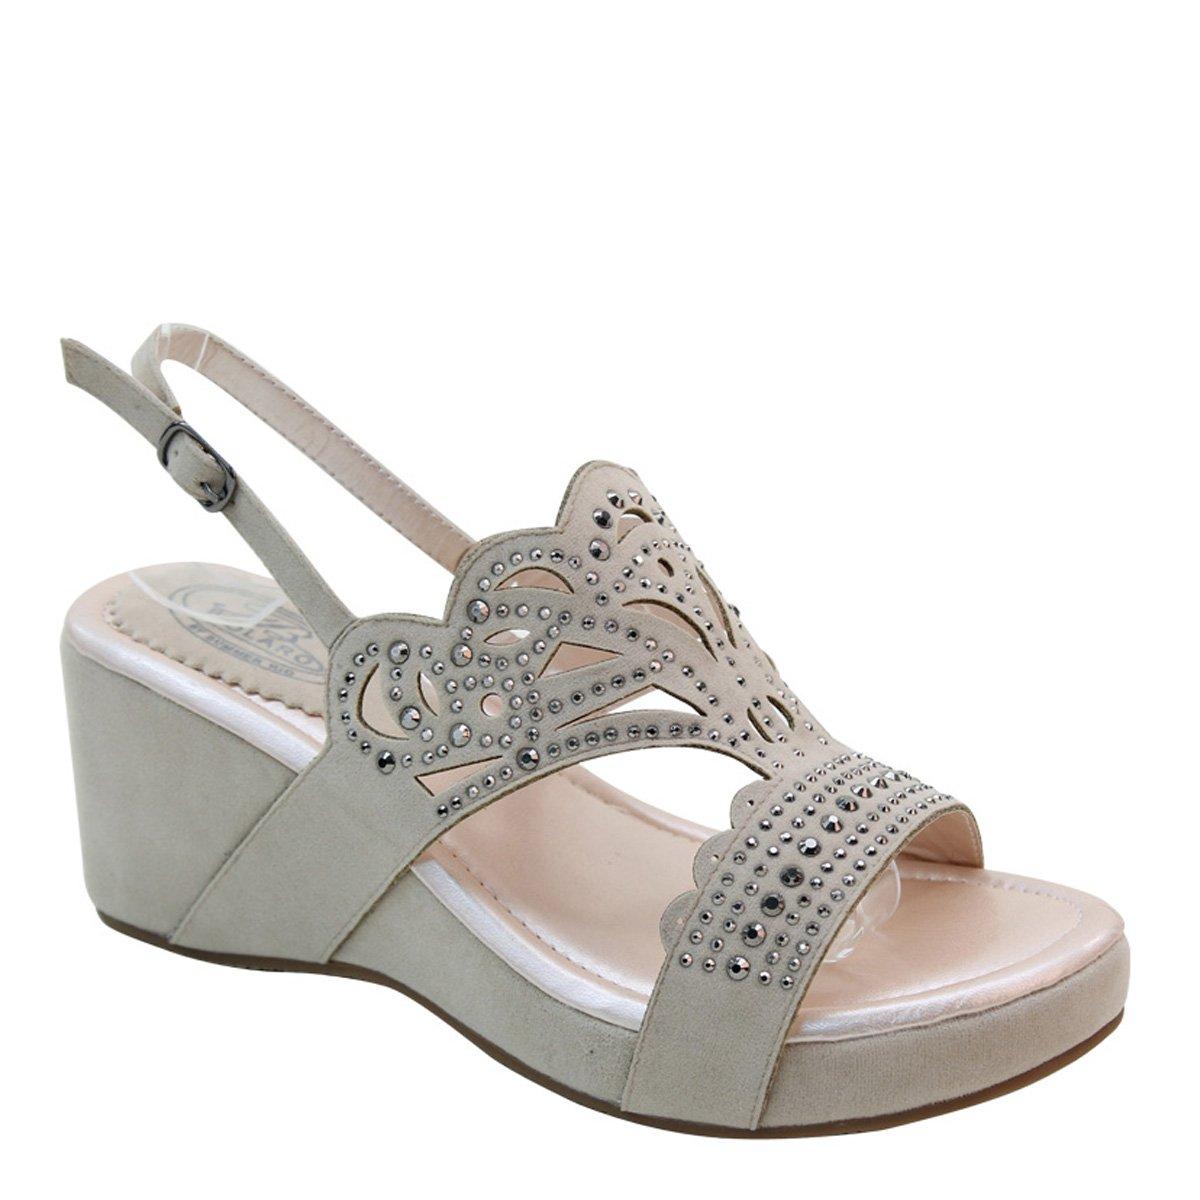 Brieten New Womens Bling Studded Cut-Out Wedge Platform Slingbacks Comfort Sandals